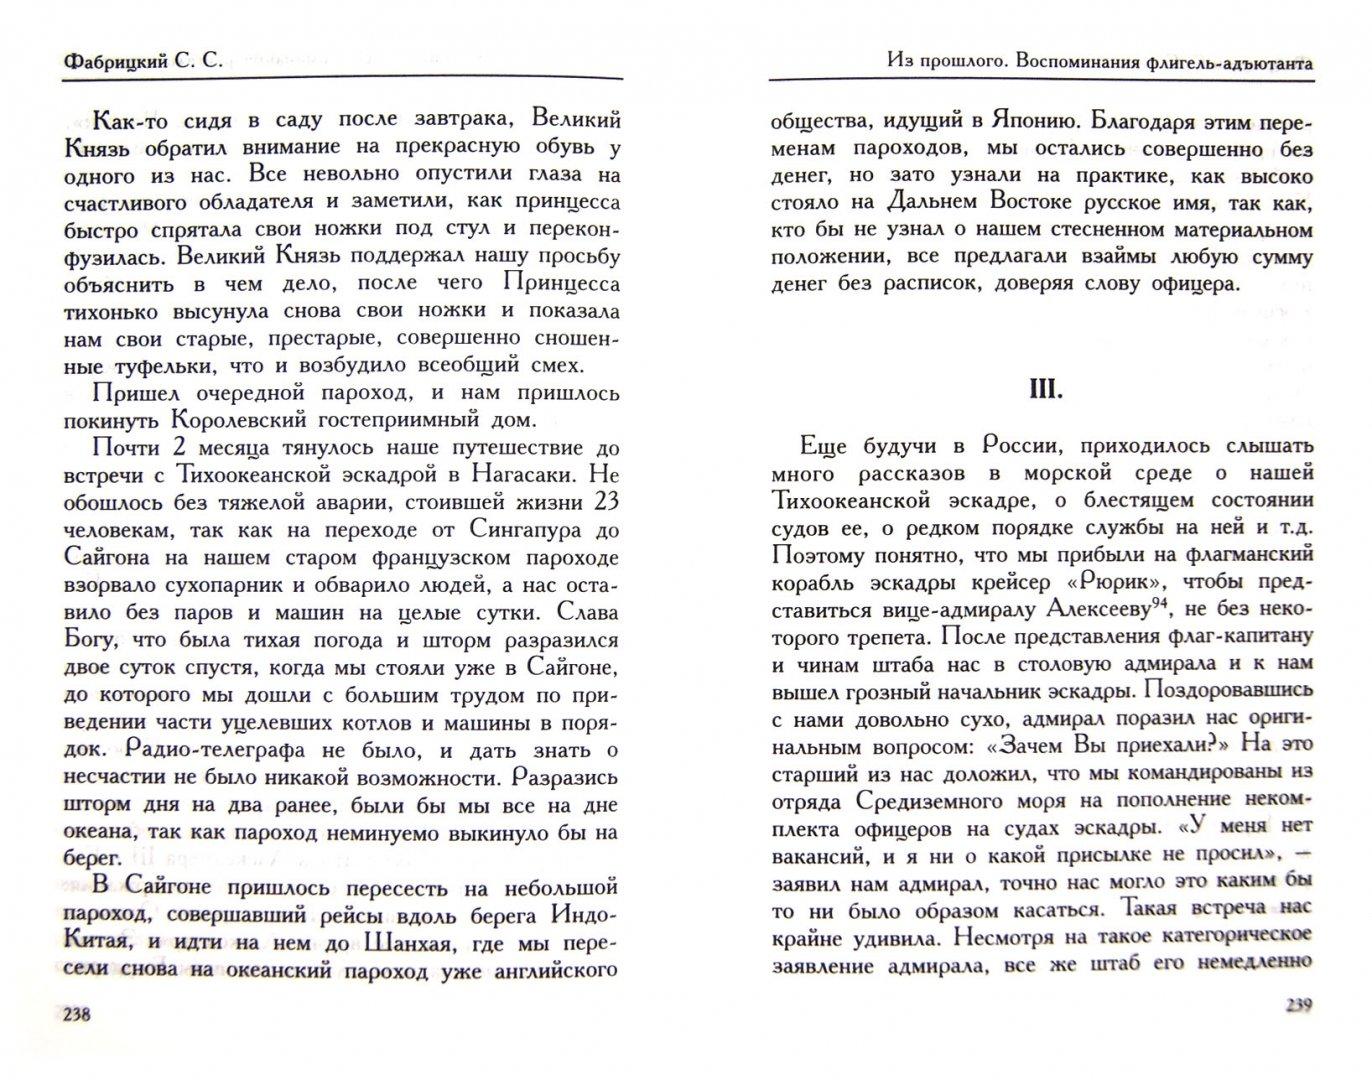 Иллюстрация 1 из 7 для Император Николай II. Тайны Российского императорского двора - В. Хрусталев   Лабиринт - книги. Источник: Лабиринт